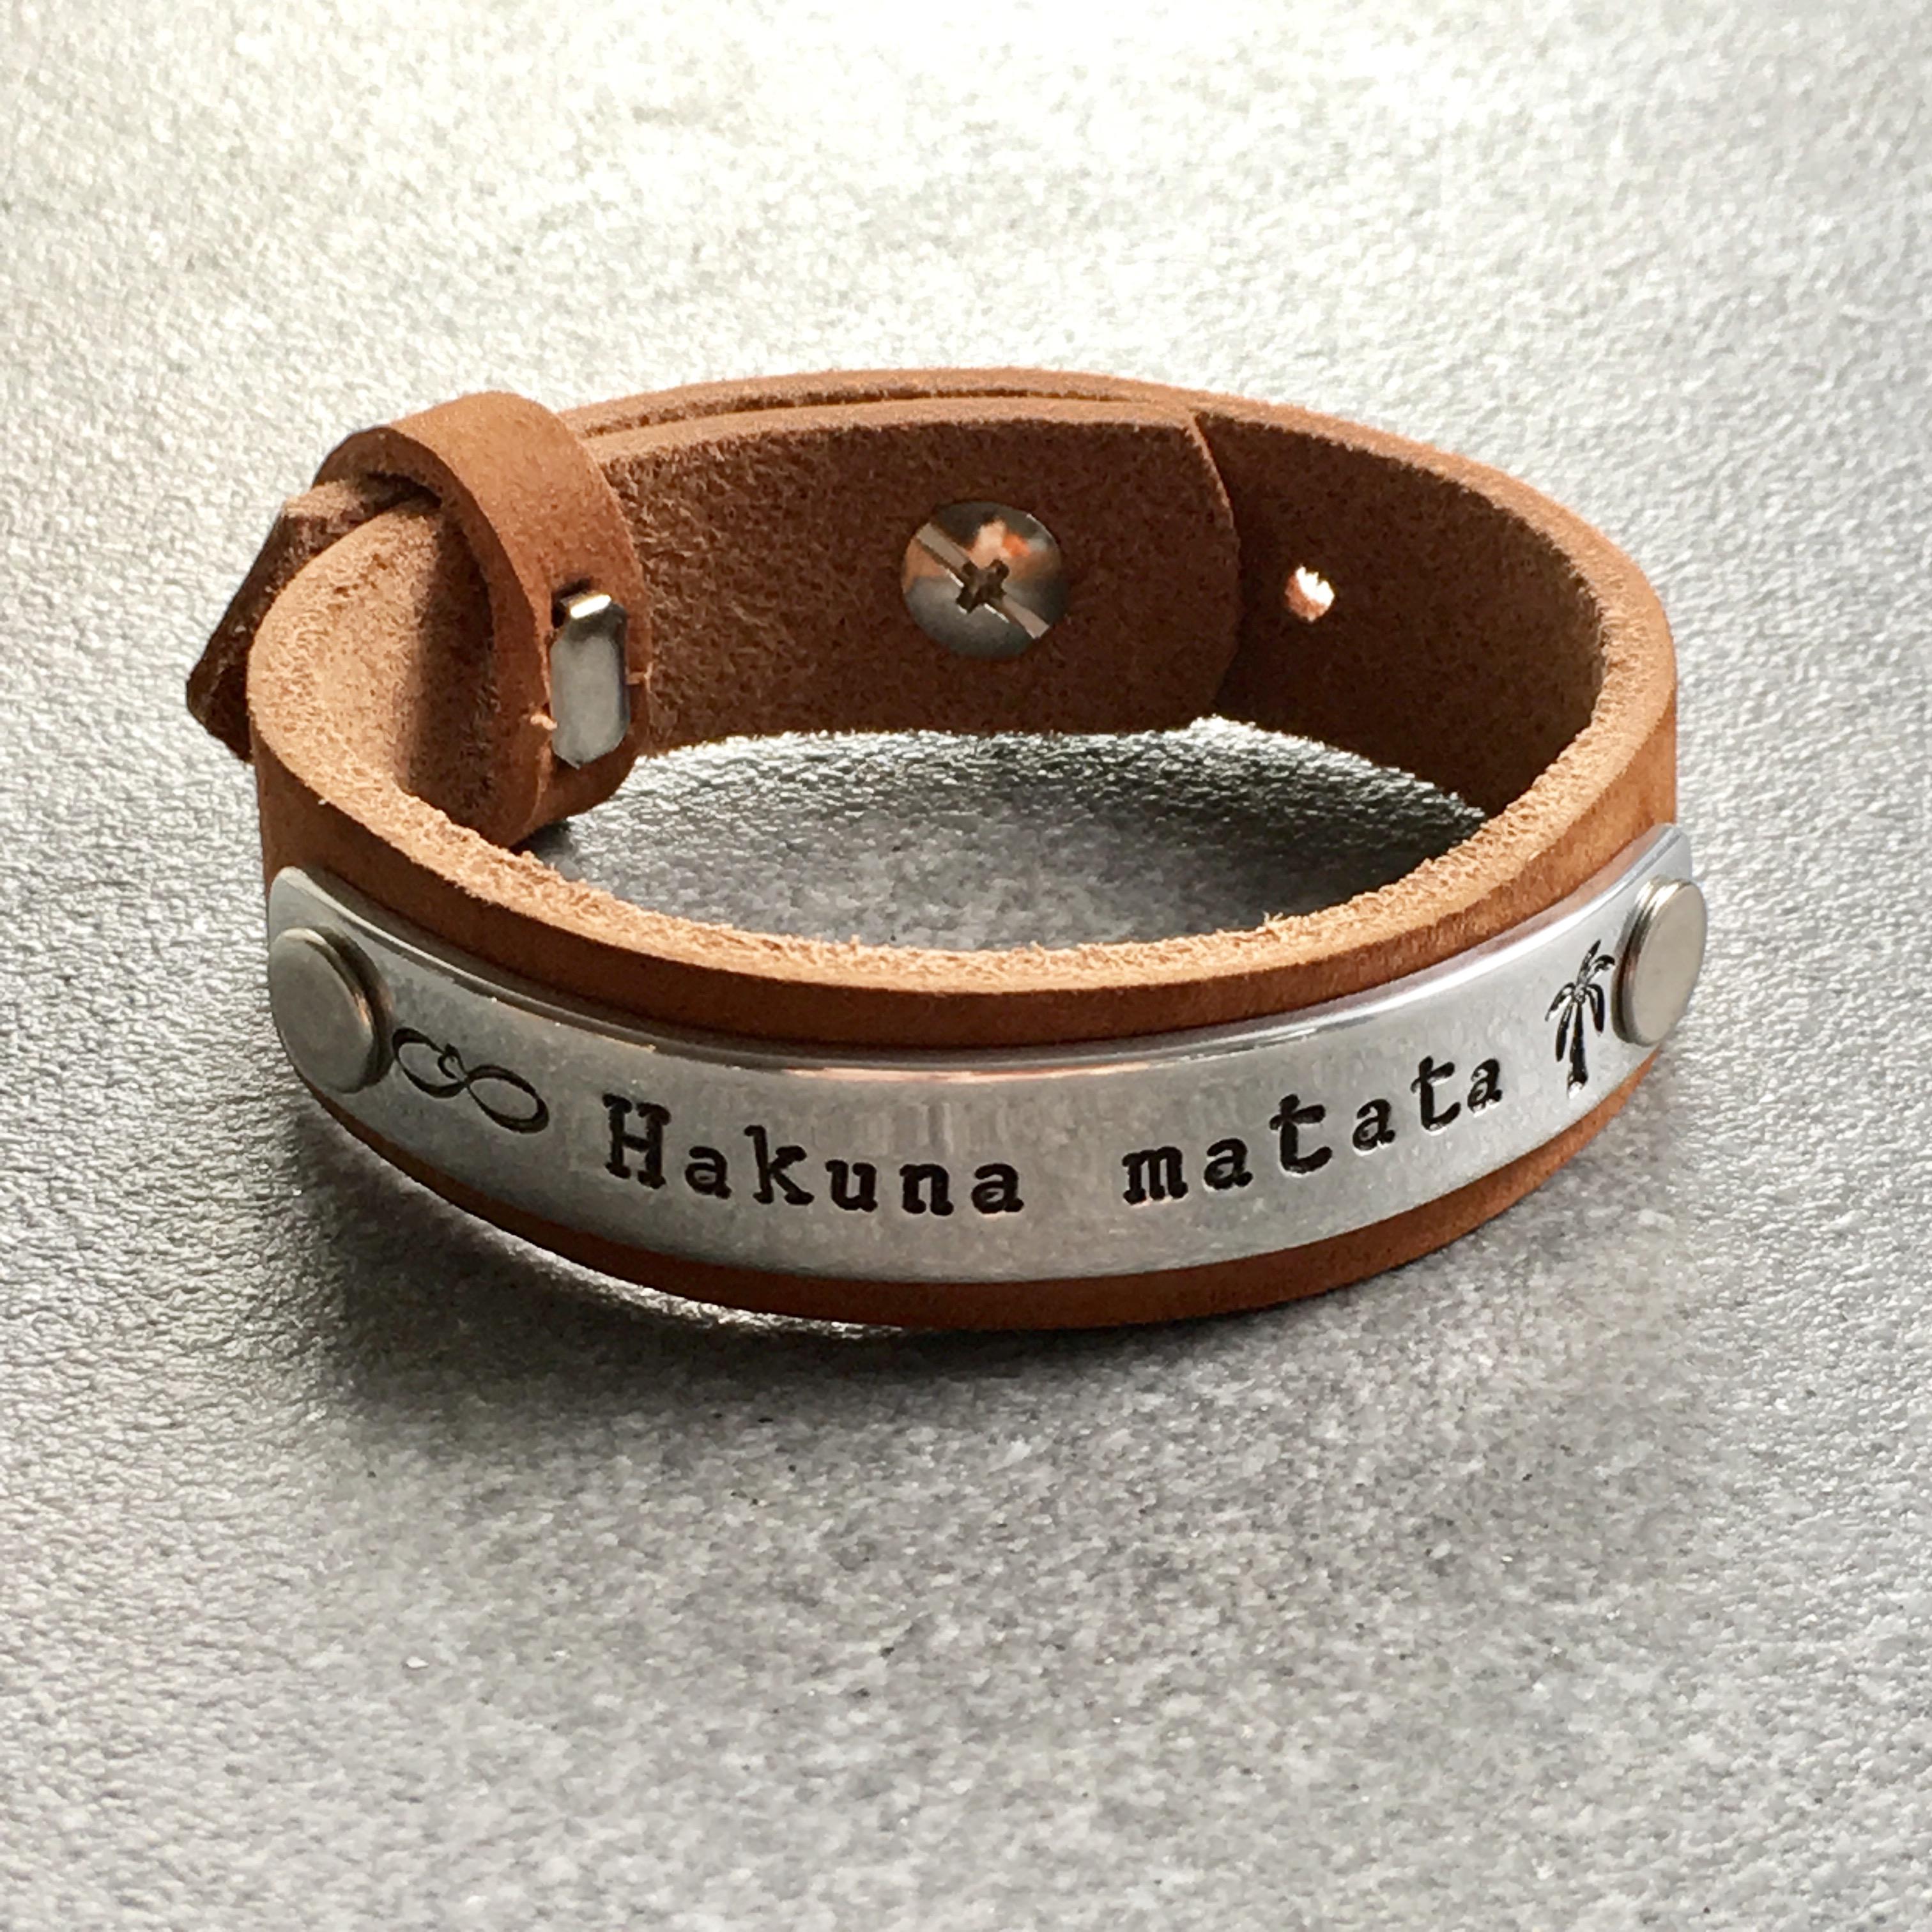 Leren armband met tekst plaatje (verschillende lettertypen & kleuren leer)-9291